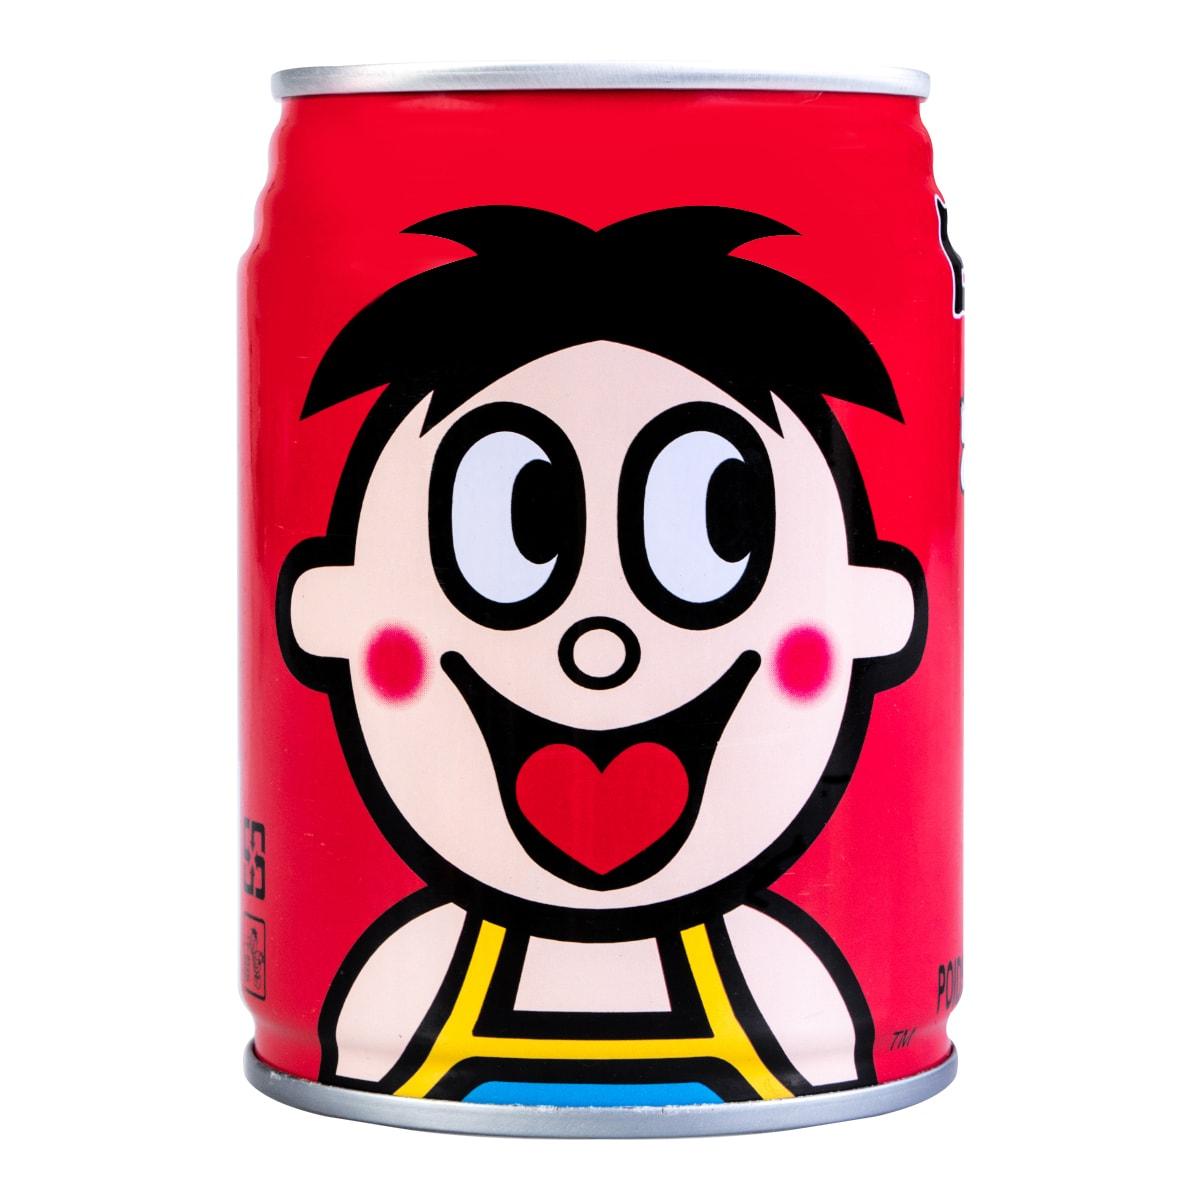 旺旺 旺仔牛奶 罐装 245ml